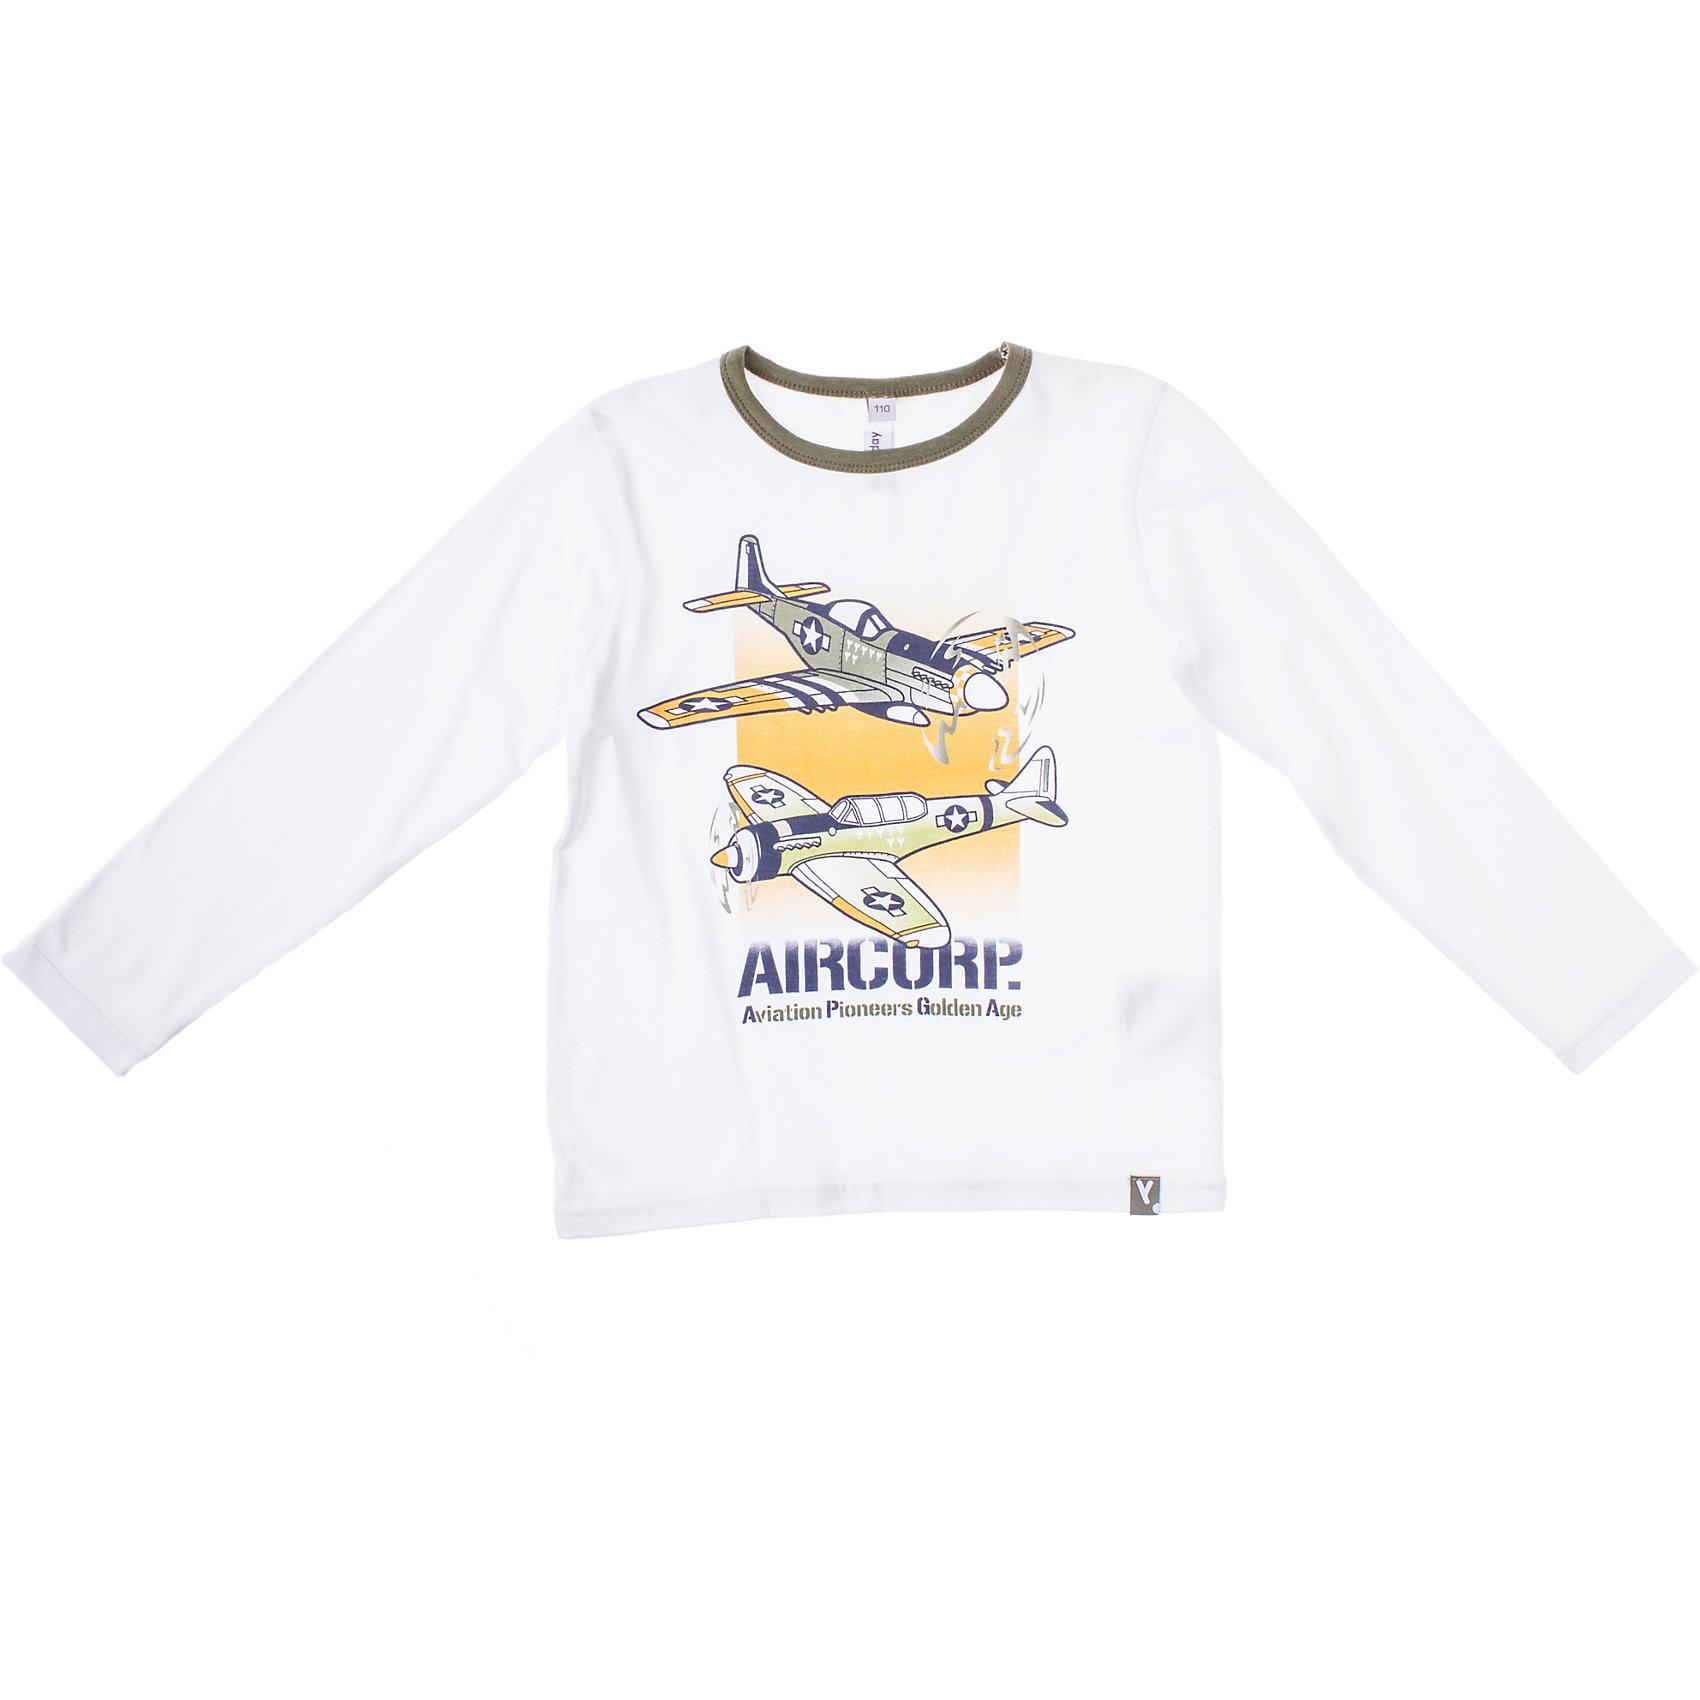 Футболка с длинным рукавом для мальчика PlayTodayФутболка для мальчика PlayToday Белая футболка  с изображением самолетов. Горловина  изделия обработана бейкой контрастного цвета. Состав: 95% хлопок, 5% эластан<br><br>Ширина мм: 199<br>Глубина мм: 10<br>Высота мм: 161<br>Вес г: 151<br>Цвет: белый<br>Возраст от месяцев: 60<br>Возраст до месяцев: 72<br>Пол: Мужской<br>Возраст: Детский<br>Размер: 116,98,104,110,122,128<br>SKU: 4227727